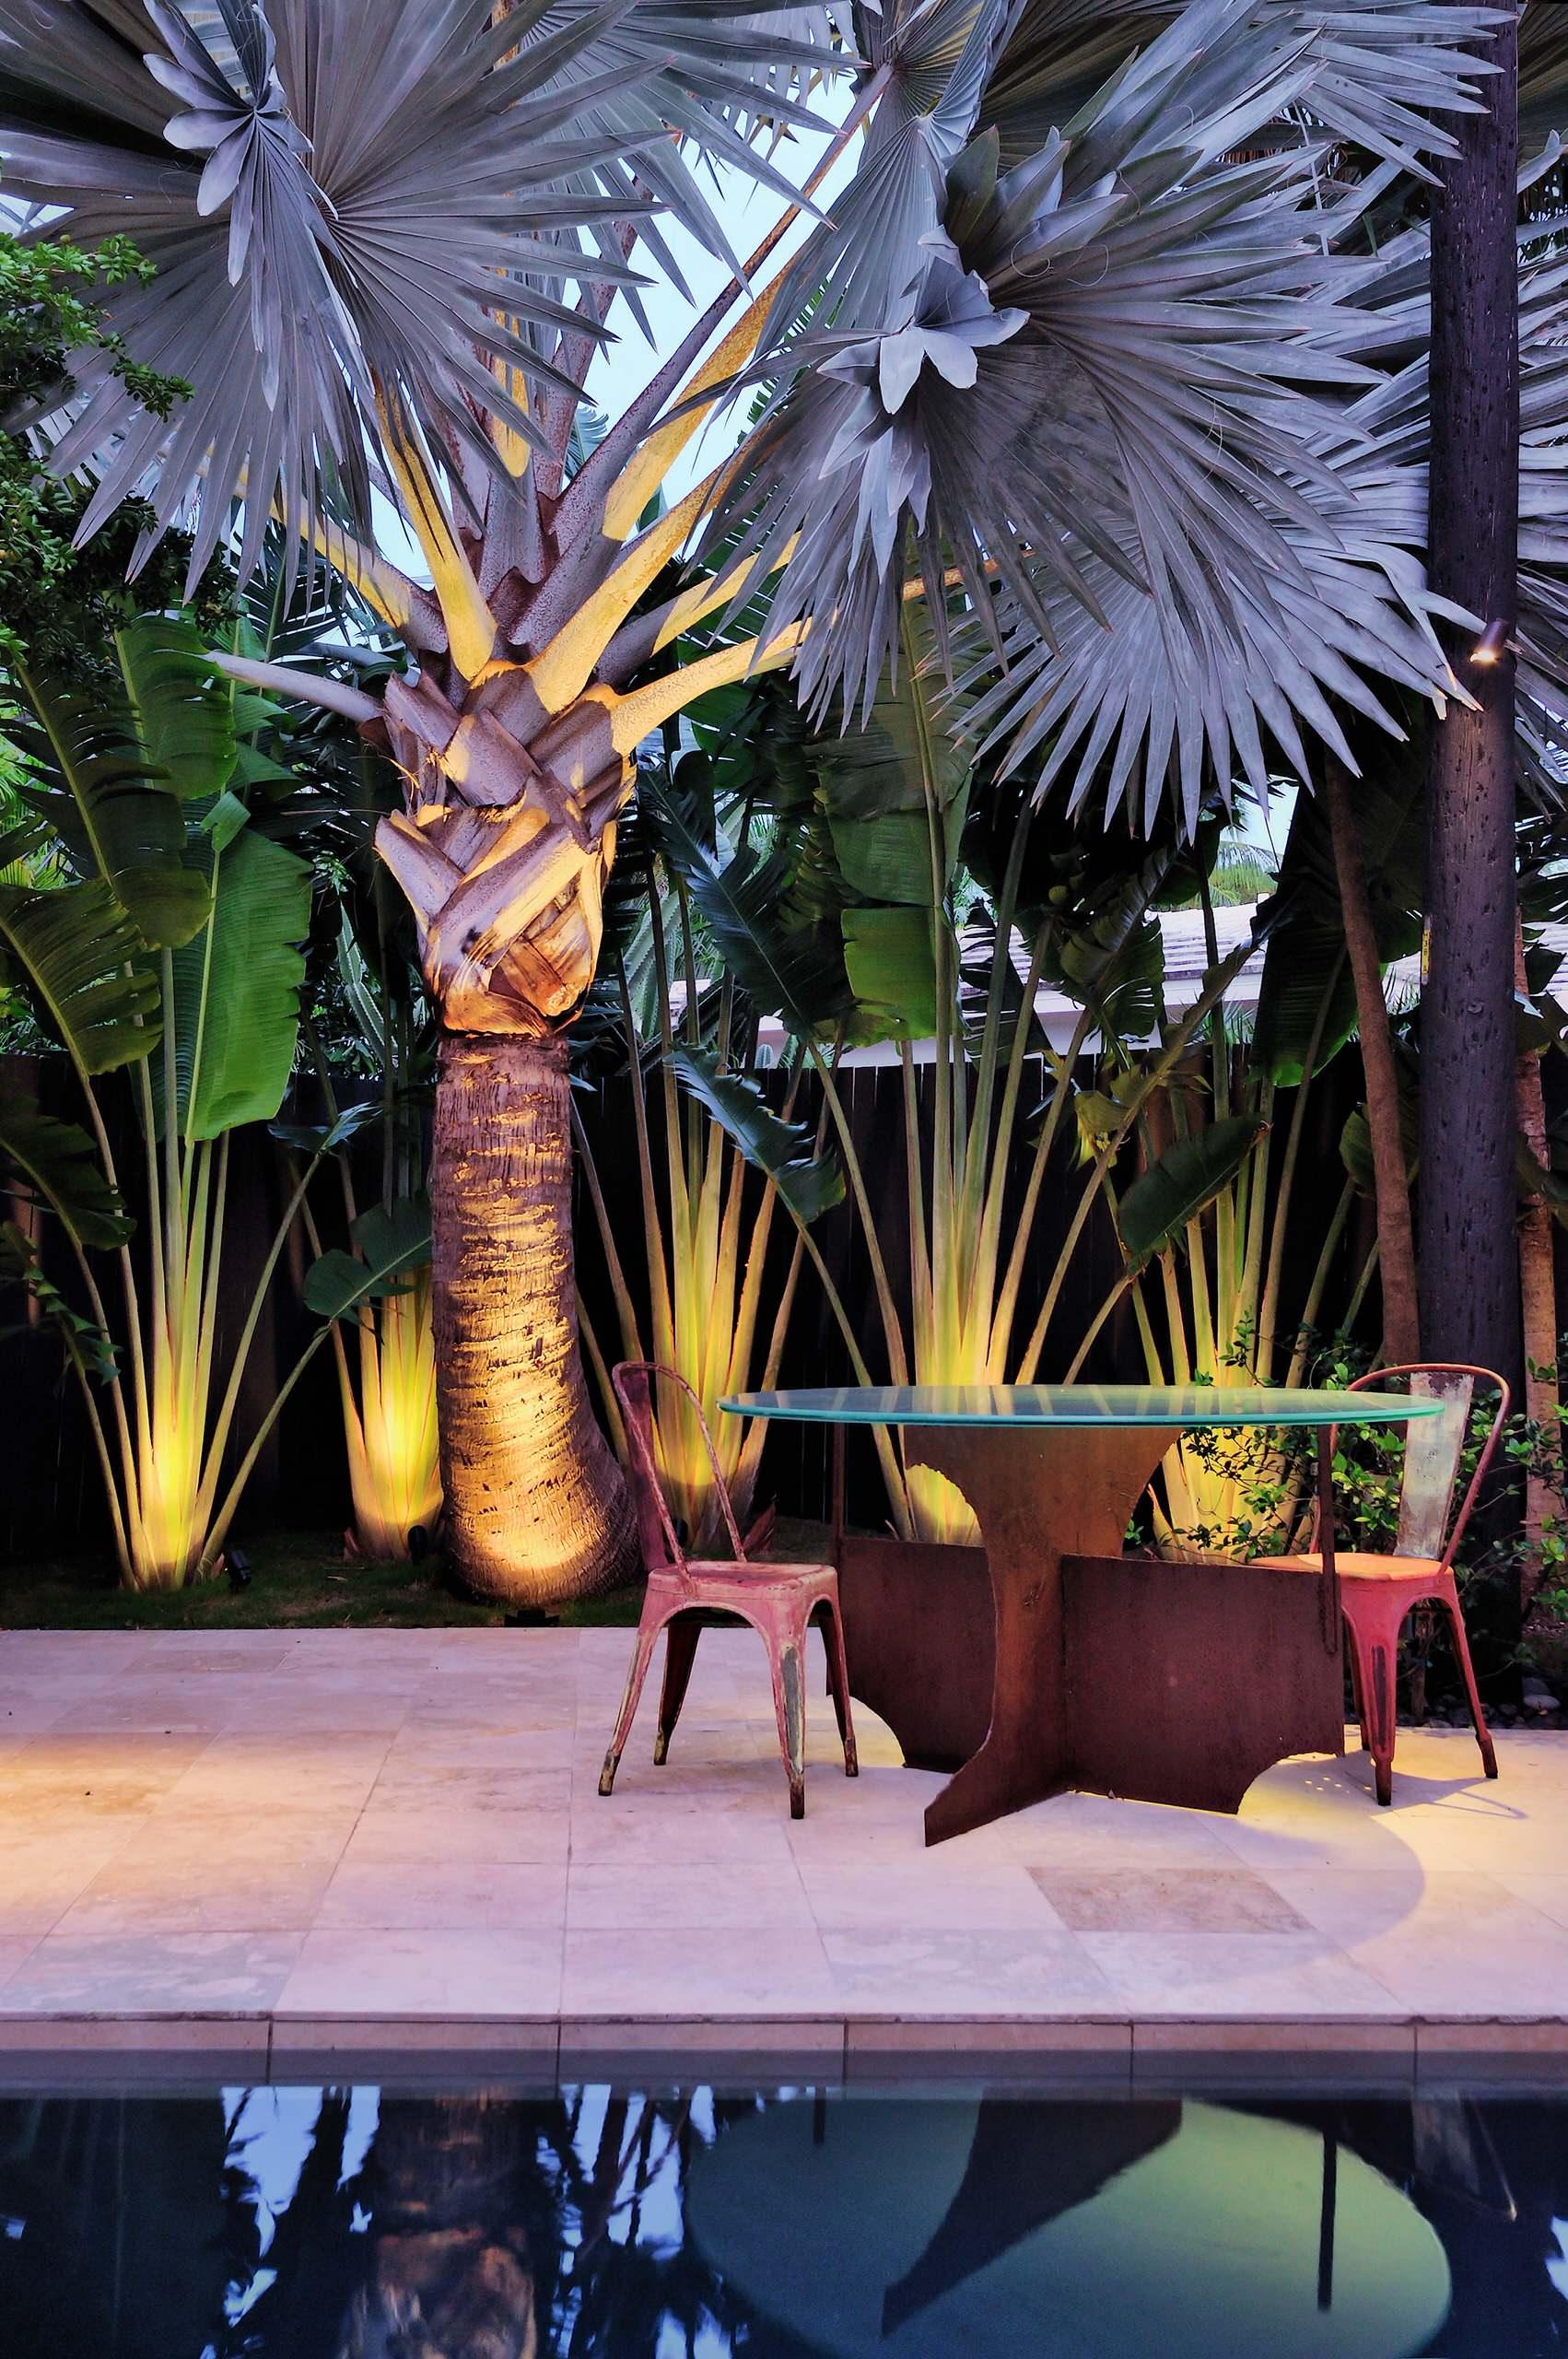 Se a palmeira azul já é linda de dia, imagina de noite? Ainda mais com uma iluminação toda especial e direcionada para ela